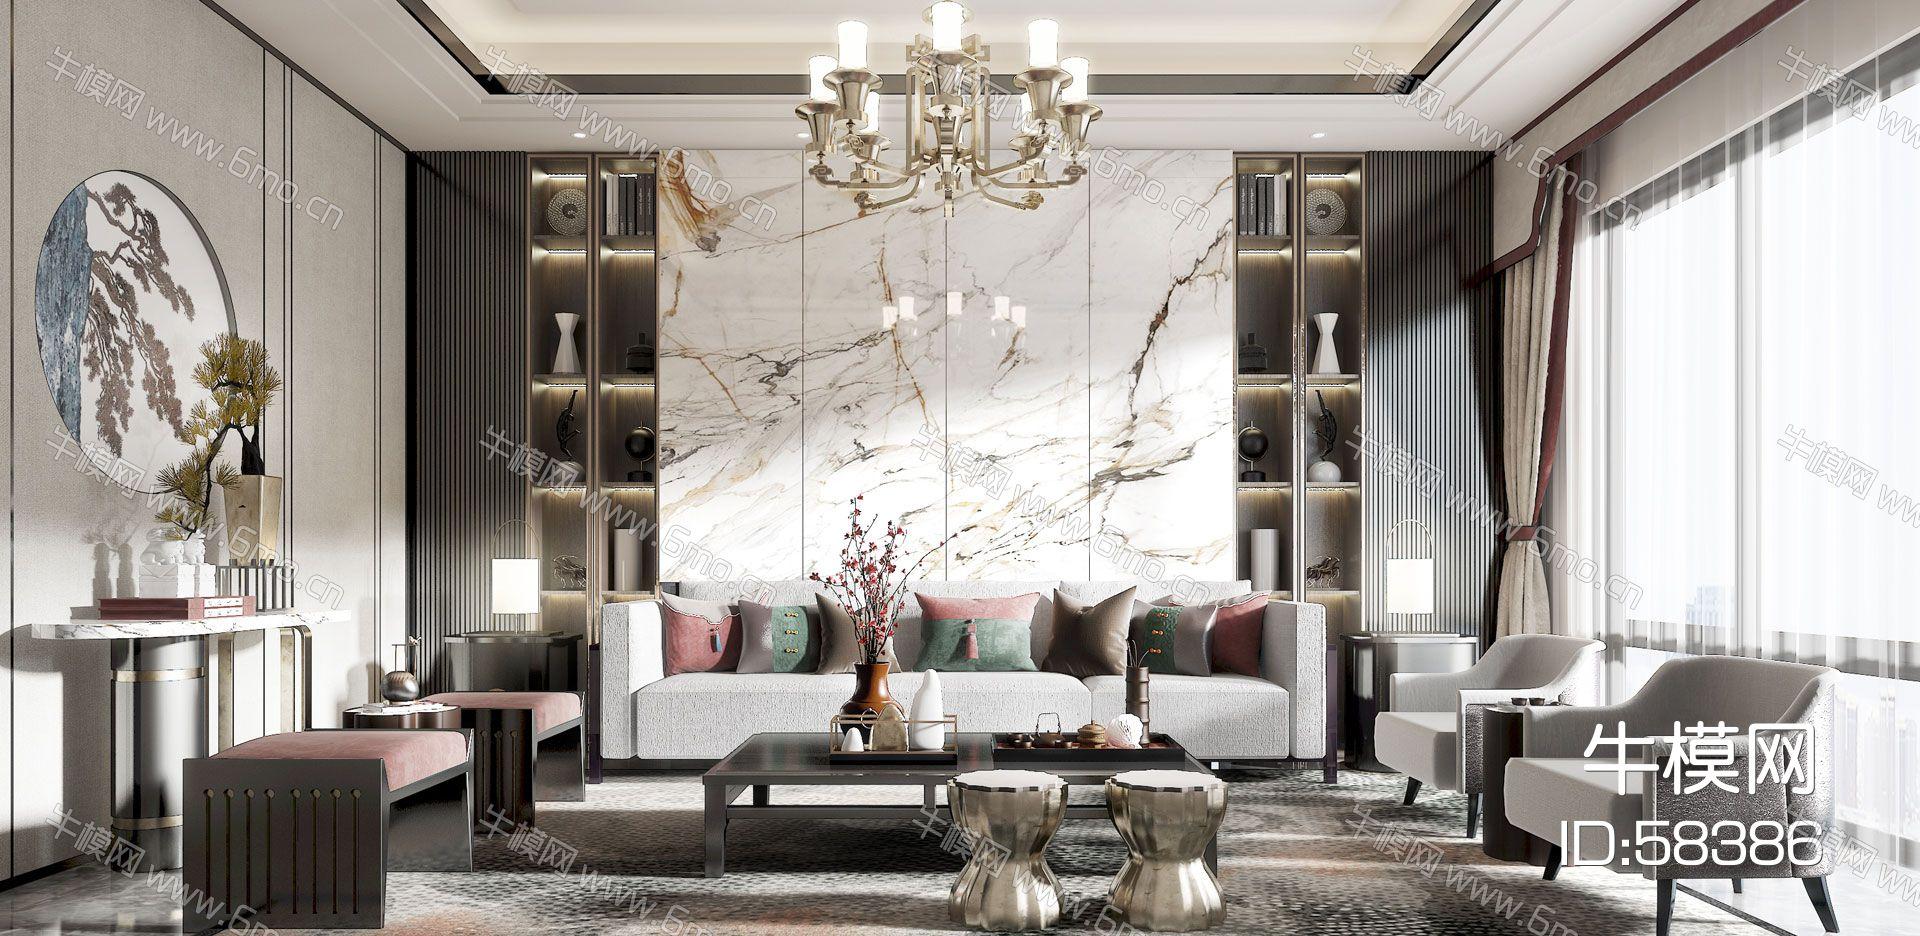 现代风格客厅模型